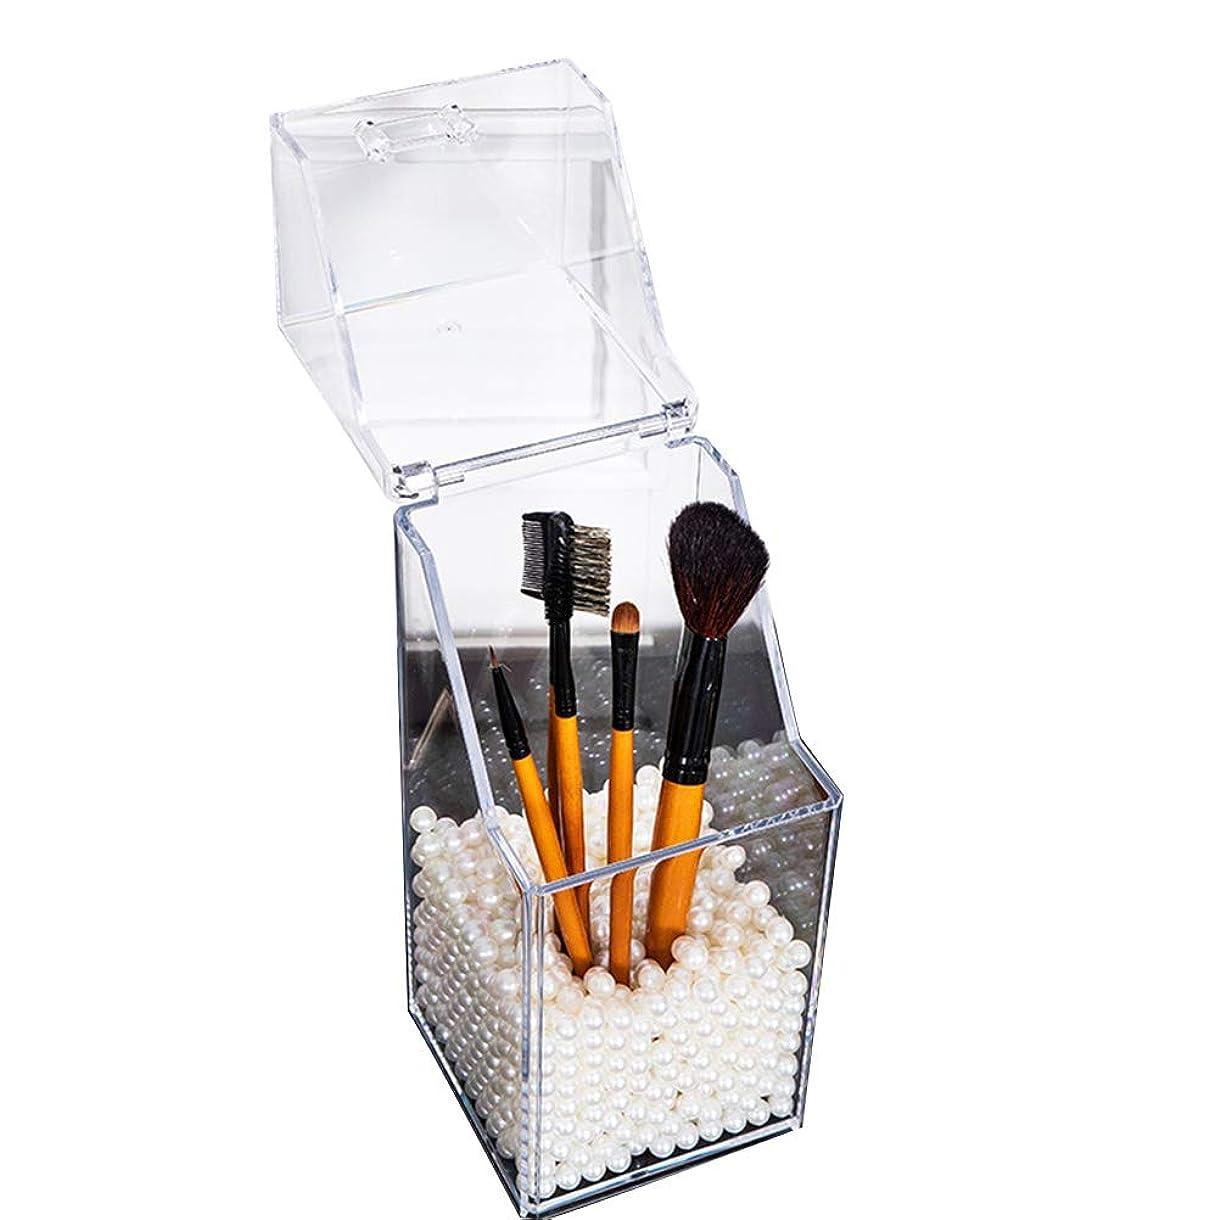 正直主婦レプリカ[YEMOCILE] メイクボックス レディース ふた付き メイクブラシ 化粧品入れ 収納 透明 引き出し小物 アクリル製 真珠 高品質 ホワイト